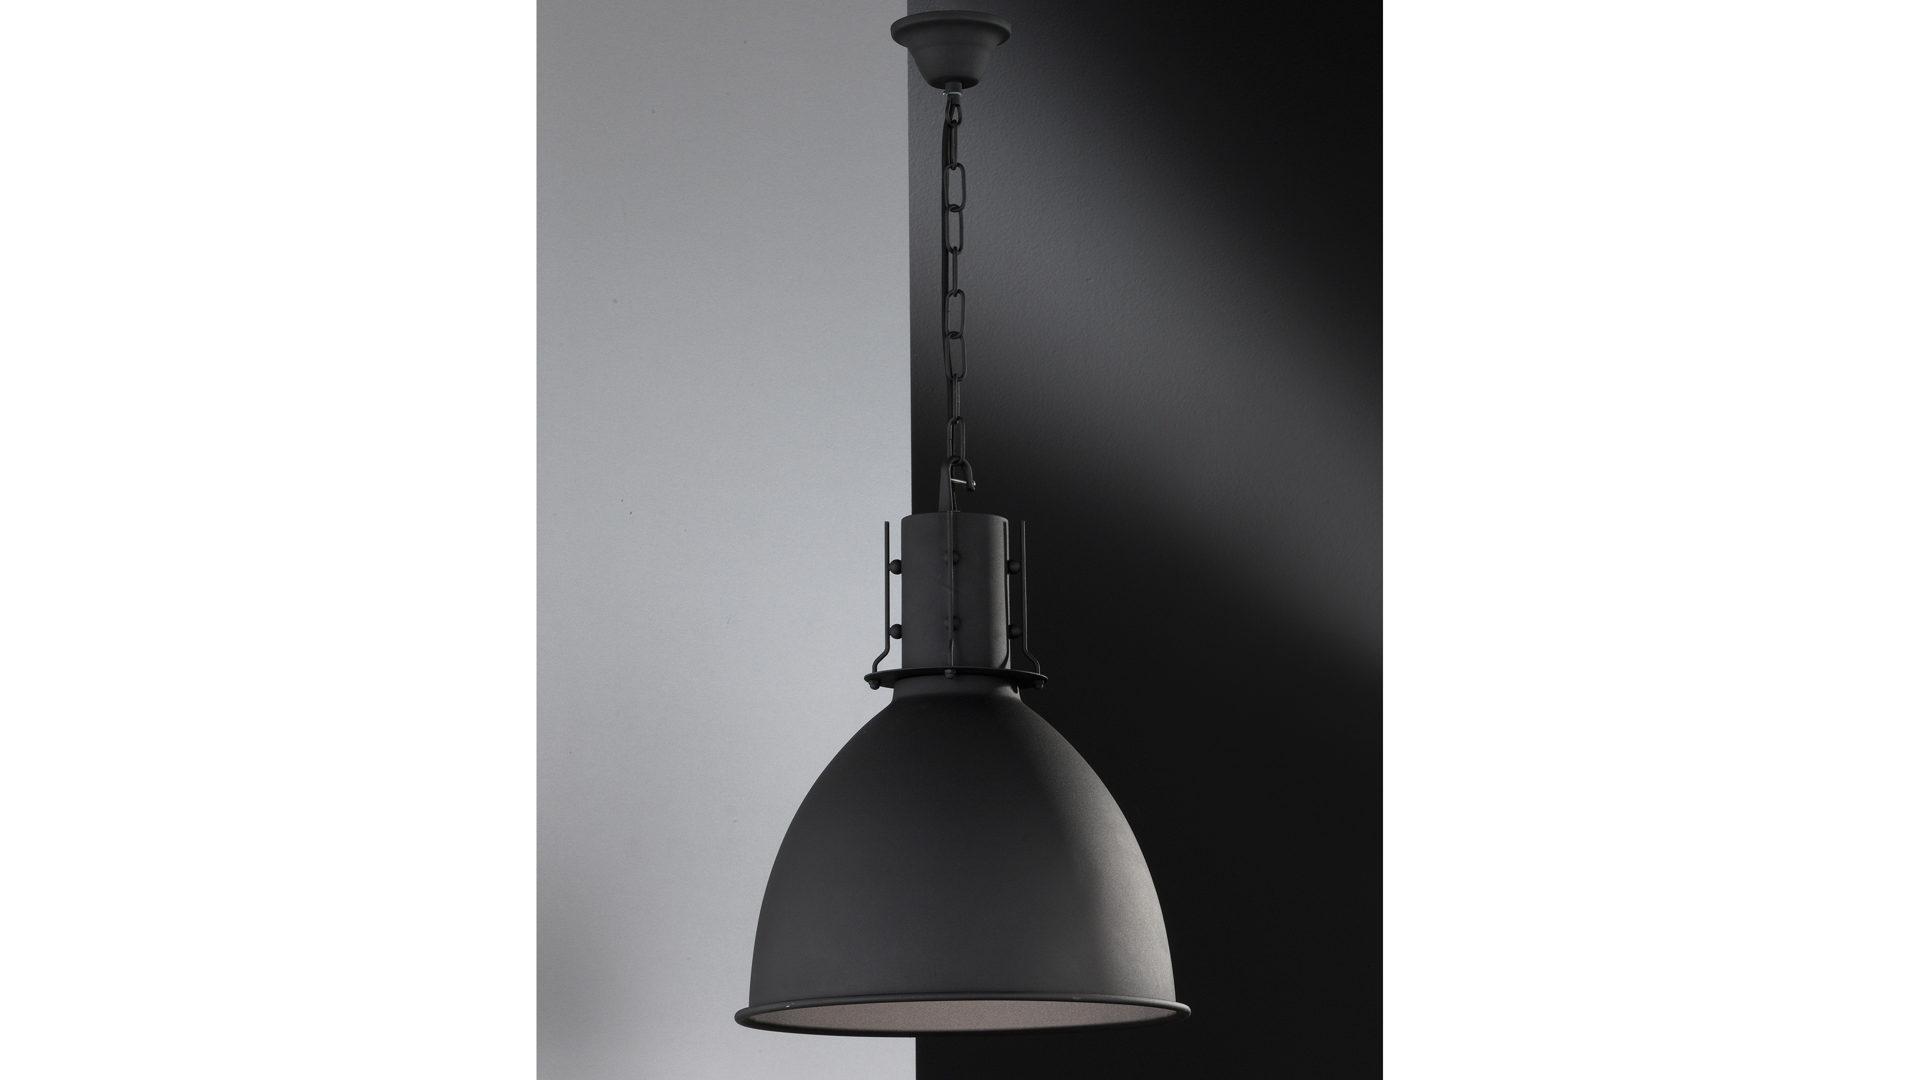 Kronleuchter Hängelampe ~ Einrichtungspartnerring möbel a z lampen leuchten